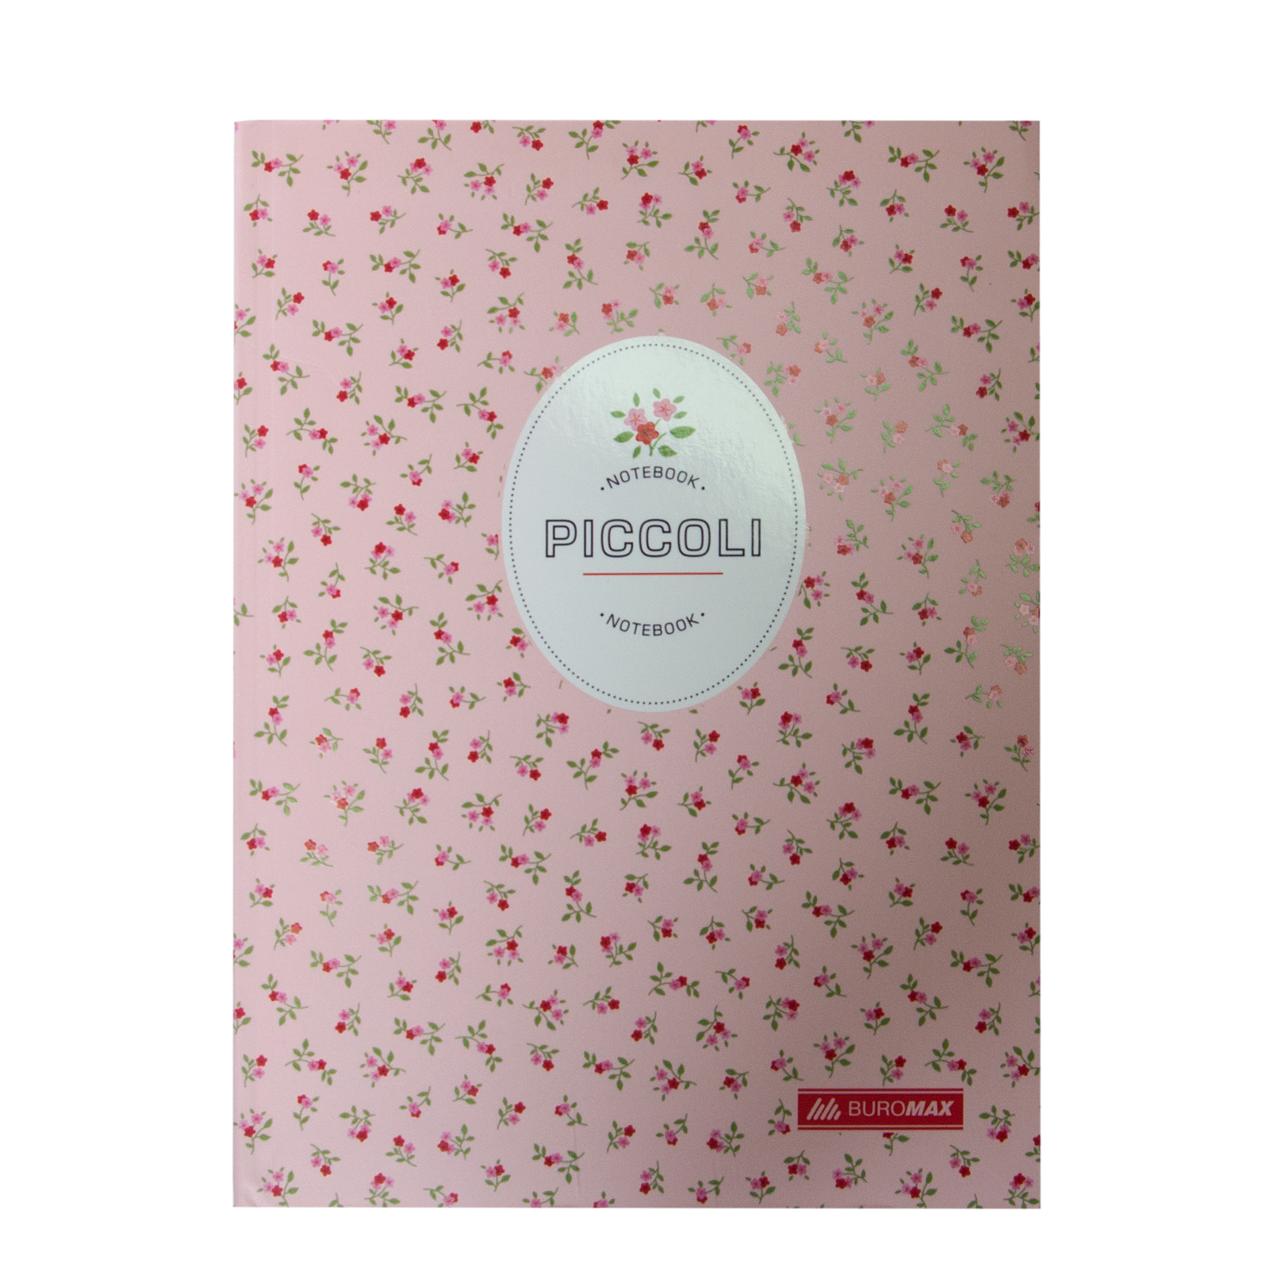 Блокнот PICCOLI, А-5, 80л., клетка, интегральнная обложка, светло-розовый